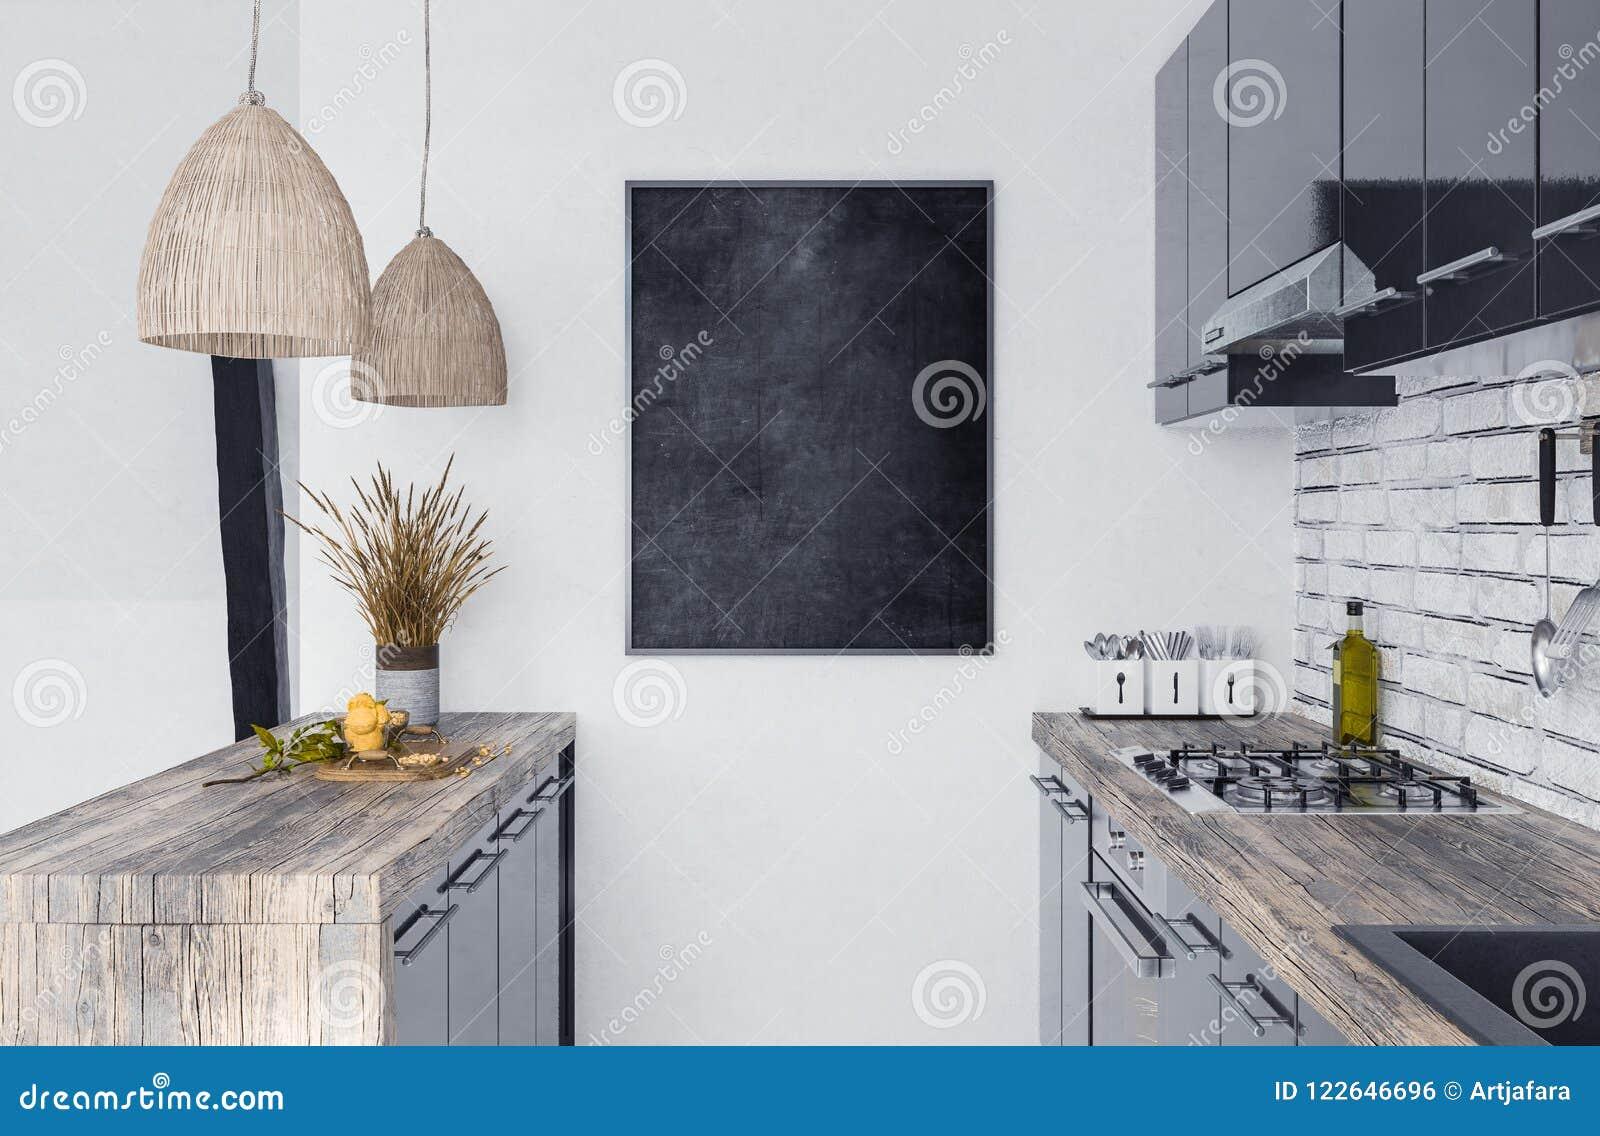 Χλεύη επάνω στο πλαίσιο αφισών στο εσωτερικό κουζινών, ύφος scandi-Boho